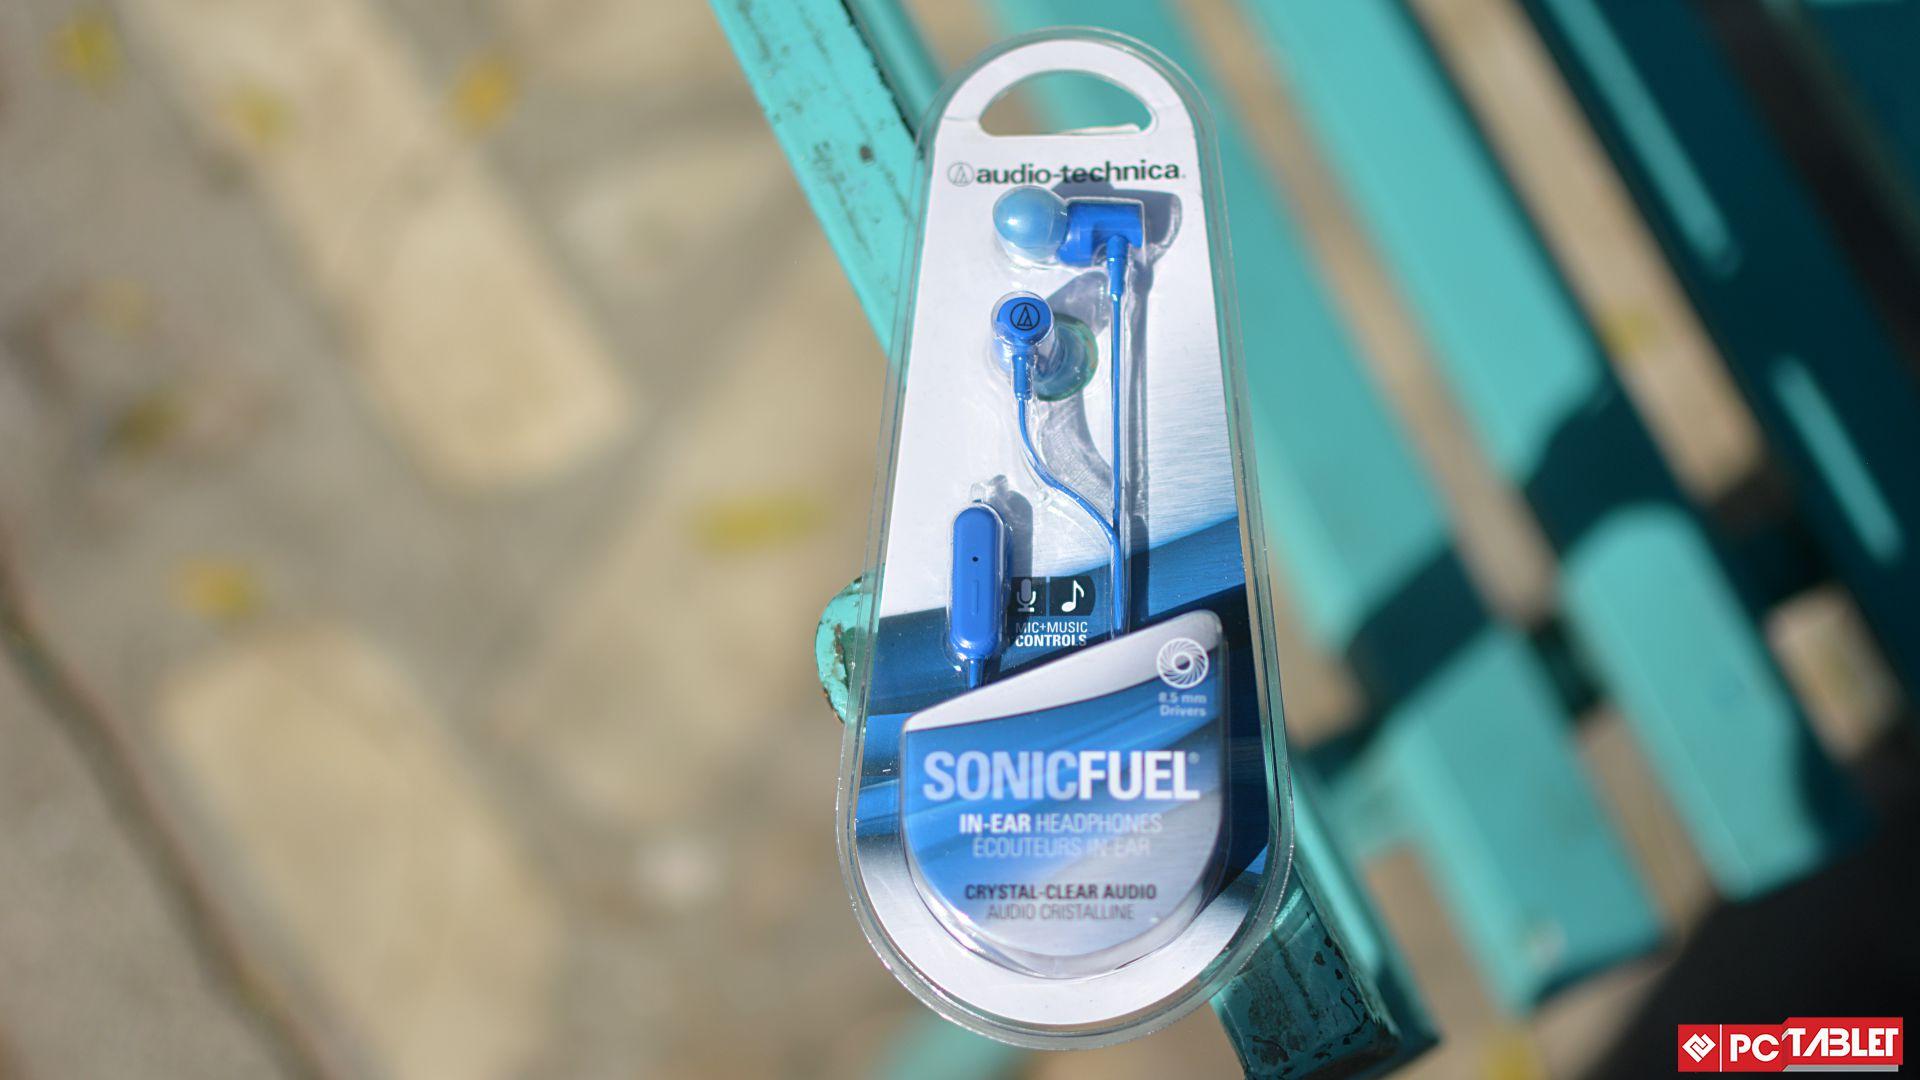 Audio Technical Sonic Fuel Earphones 1